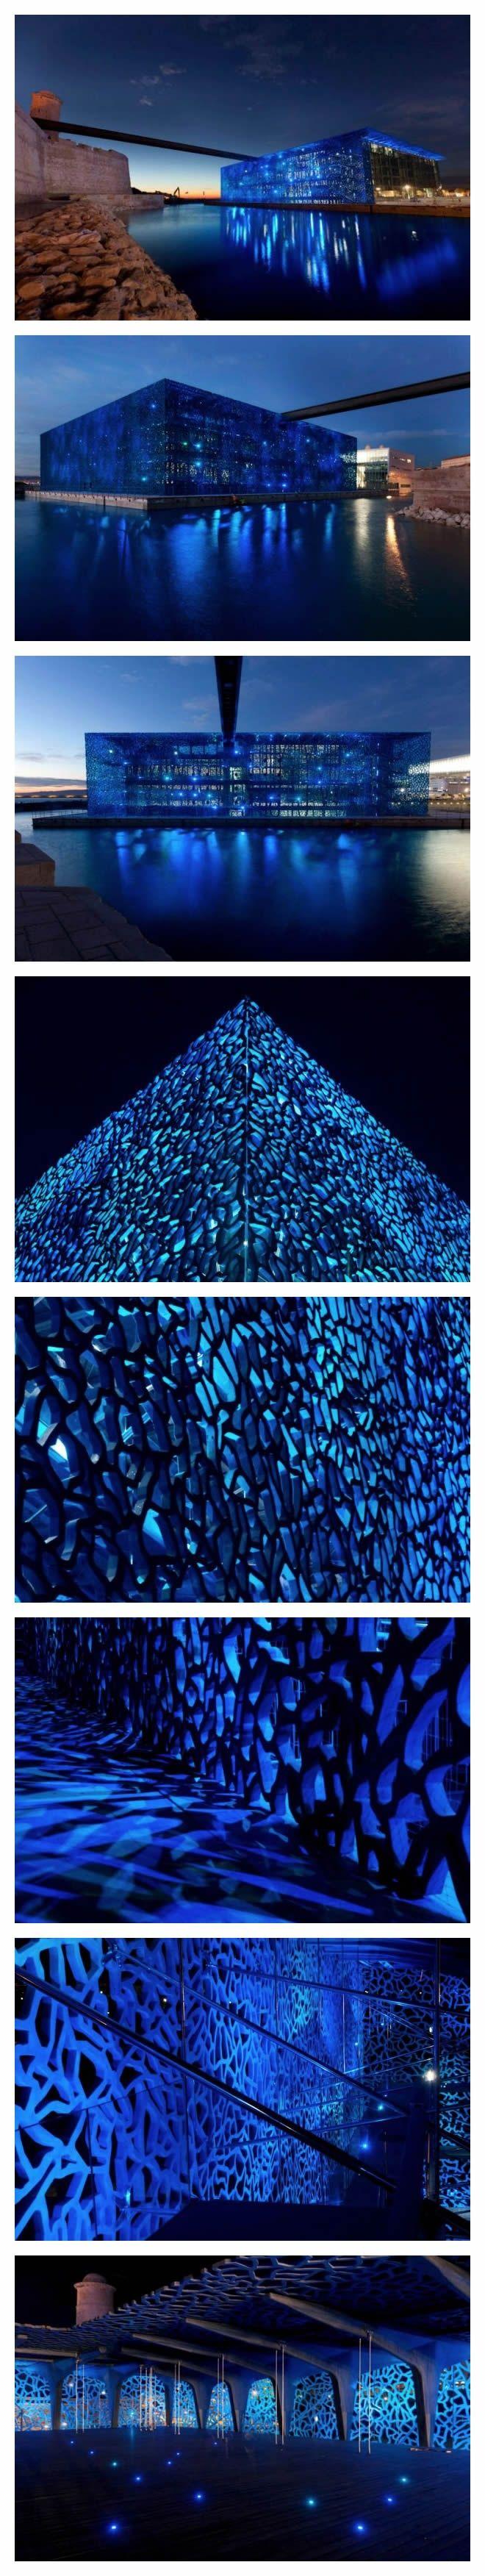 7bd0364ff80599c8ef579fe978f0e06a.jpg 660×3,504 pixels